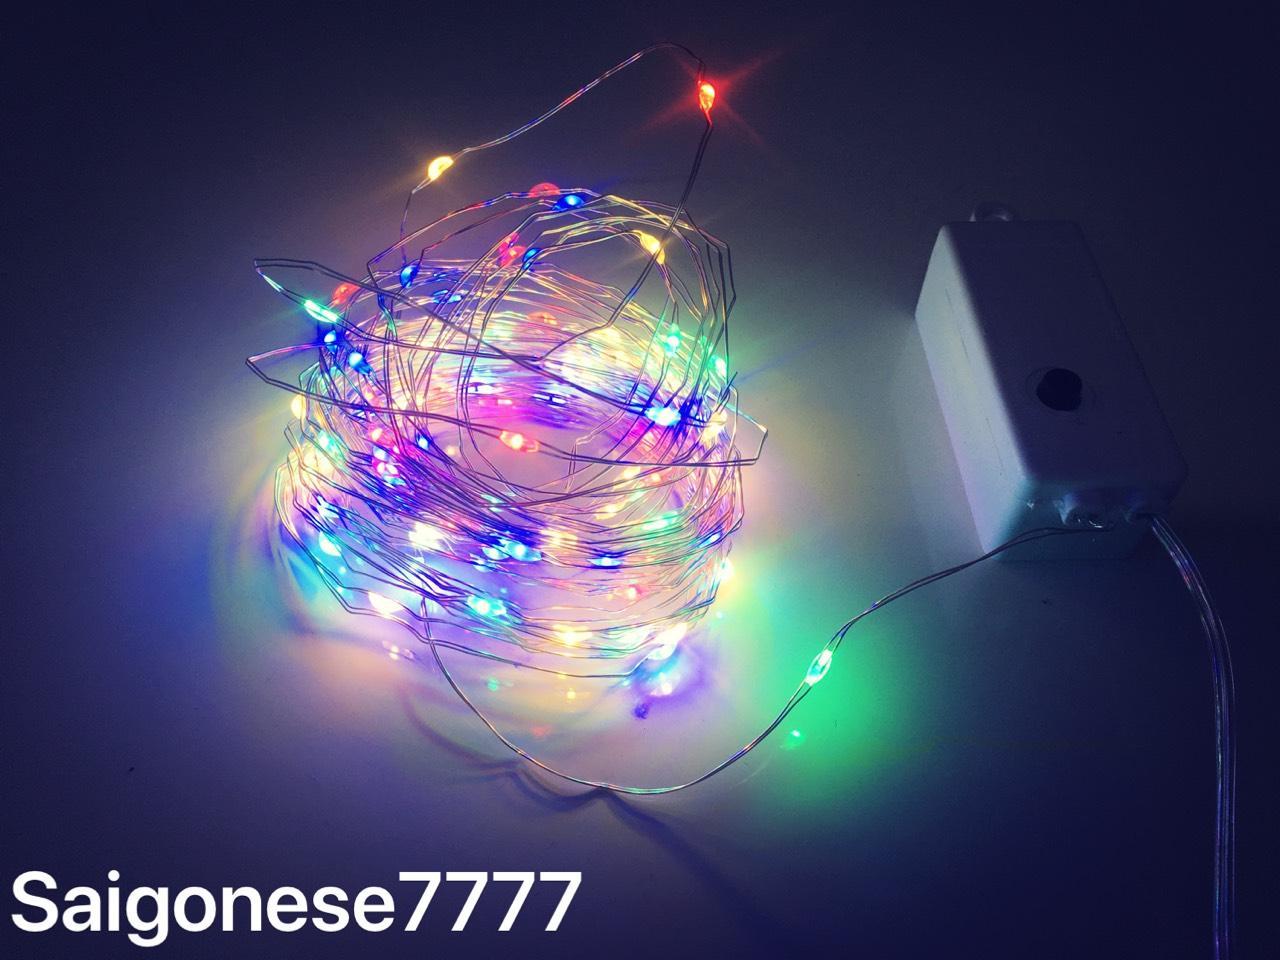 1 dây Đèn Led Đom Đóm Chipsbling Fairy Light 100 bóng đèn led nhiều màu dài  10m xài điện